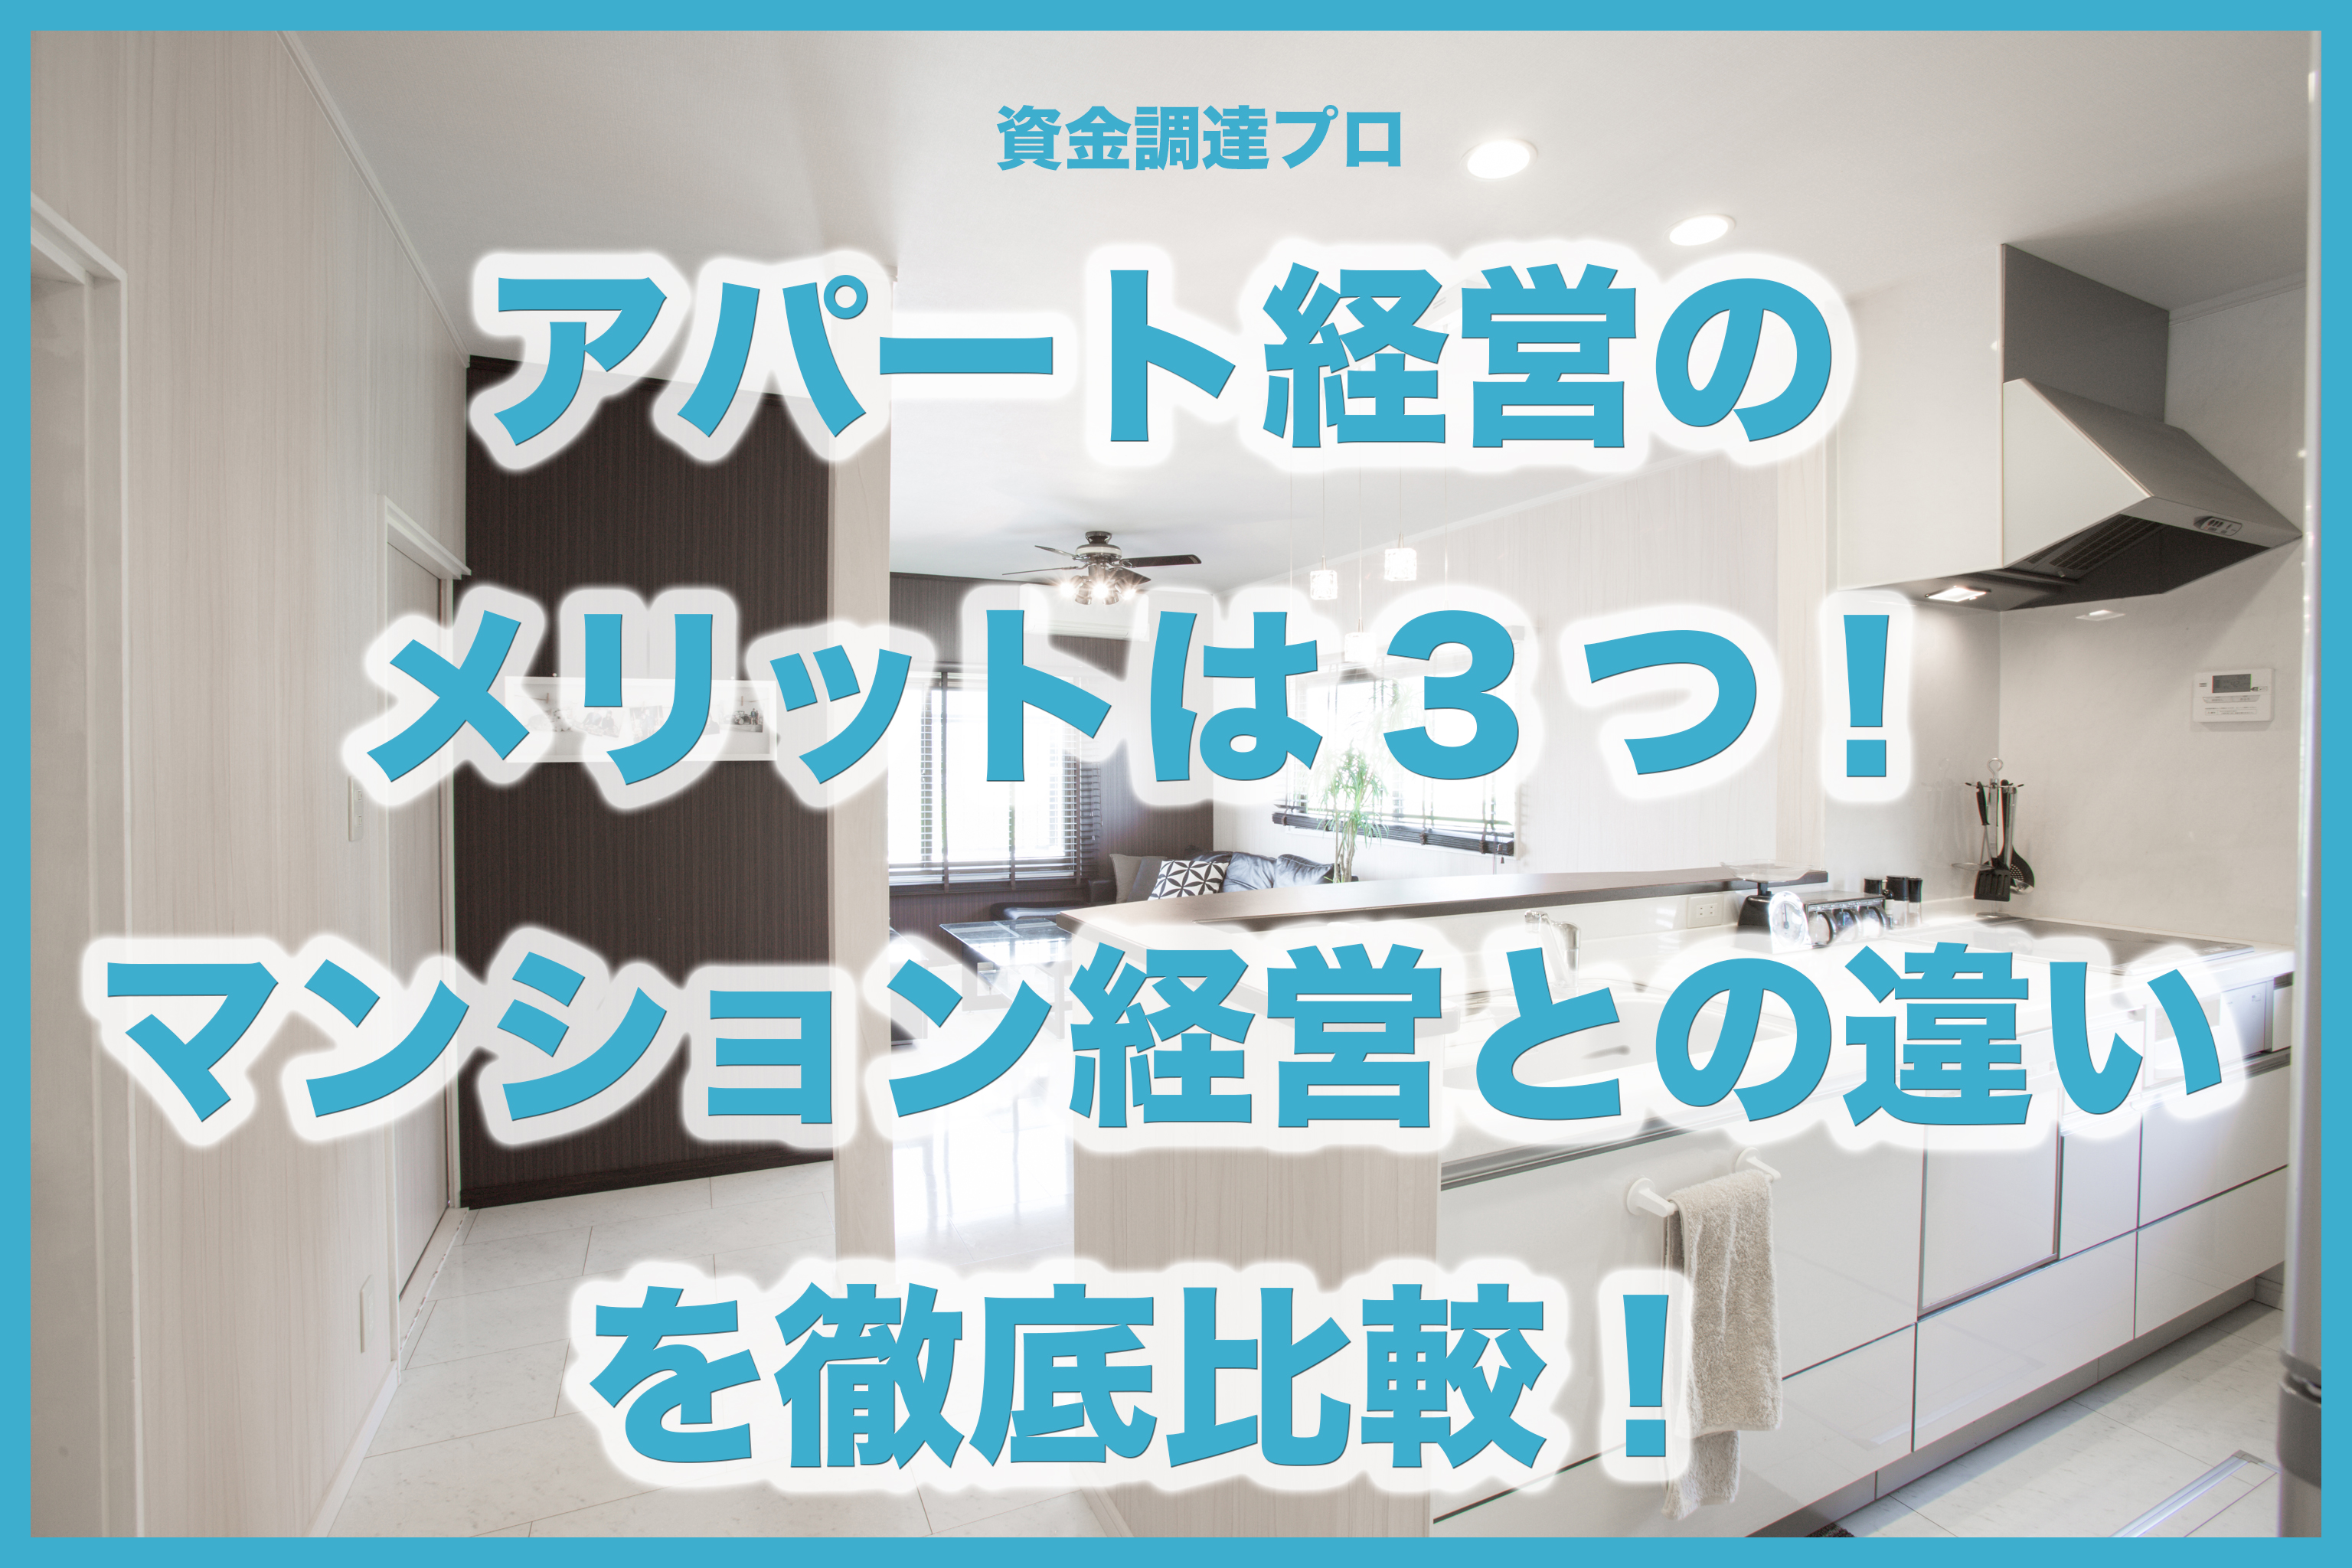 アパート経営のメリットは3つ!人気のマンション経営との違いを徹底比較!